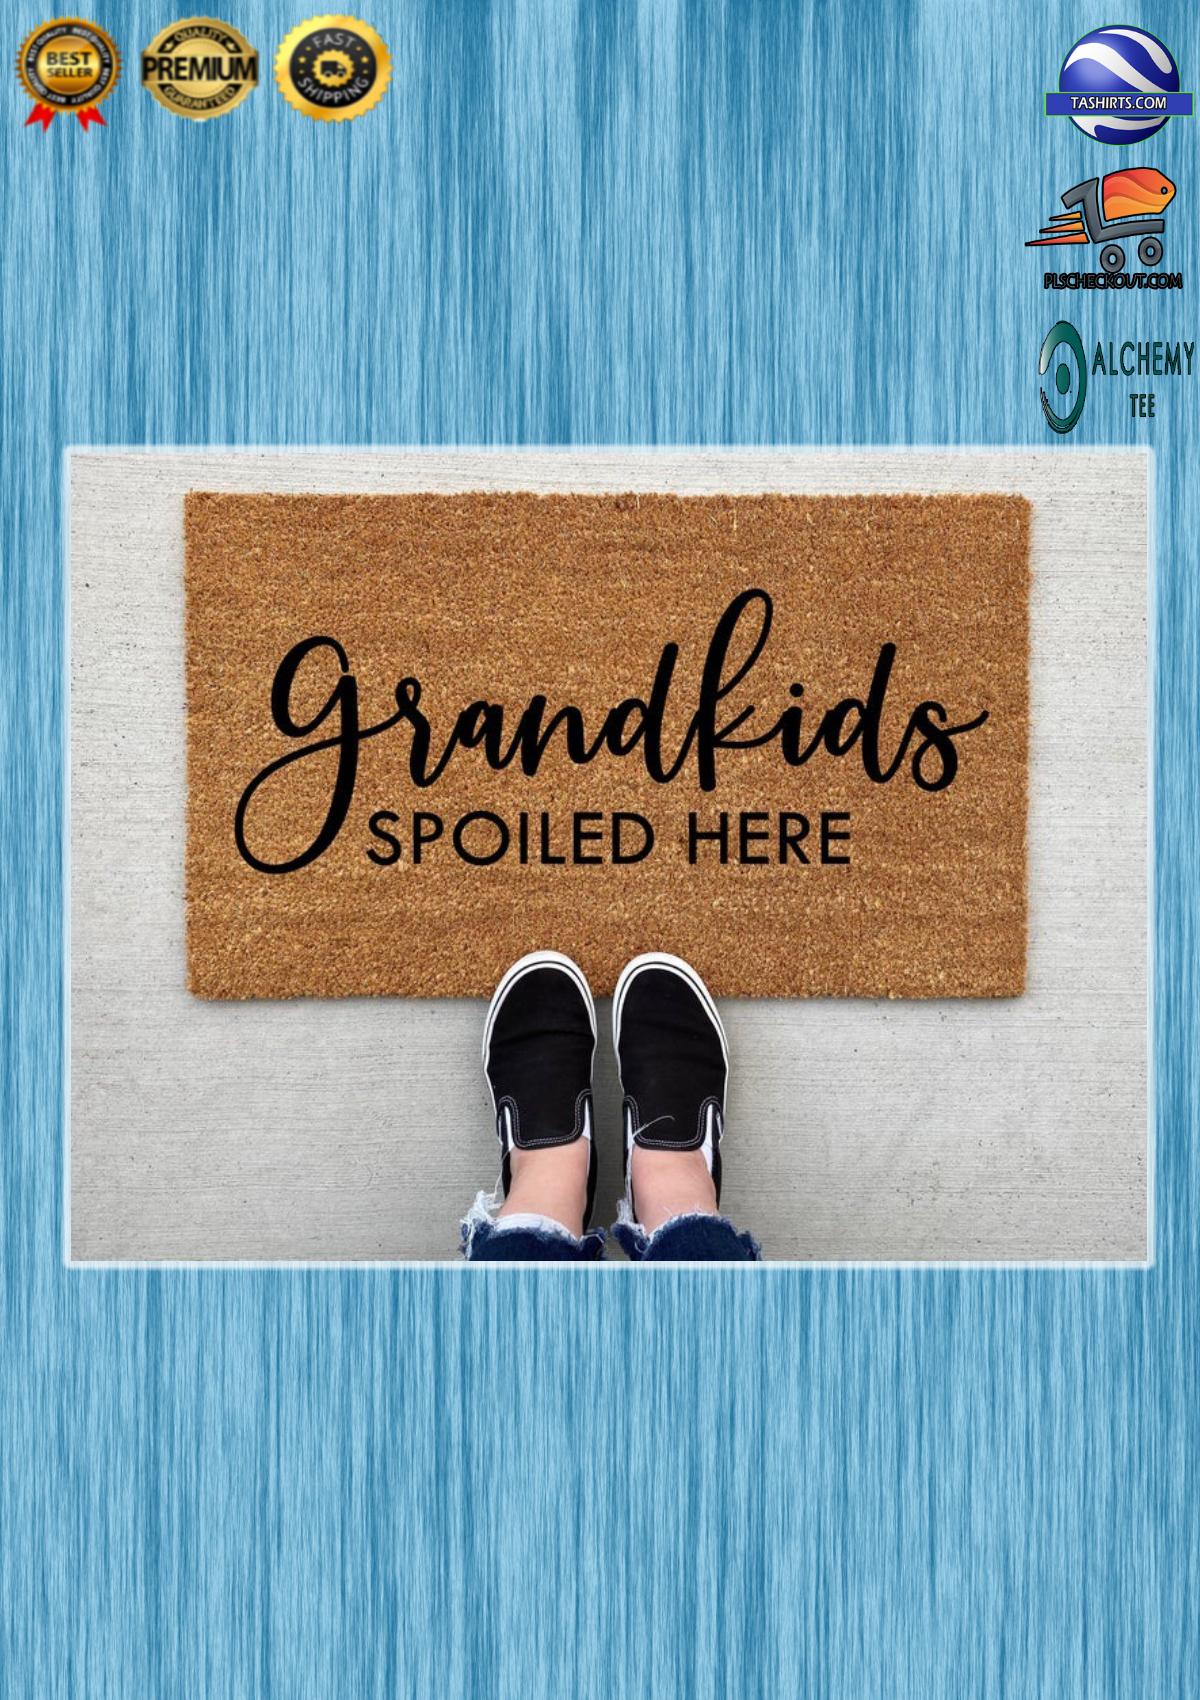 Grandkids spoiled here doormat 3